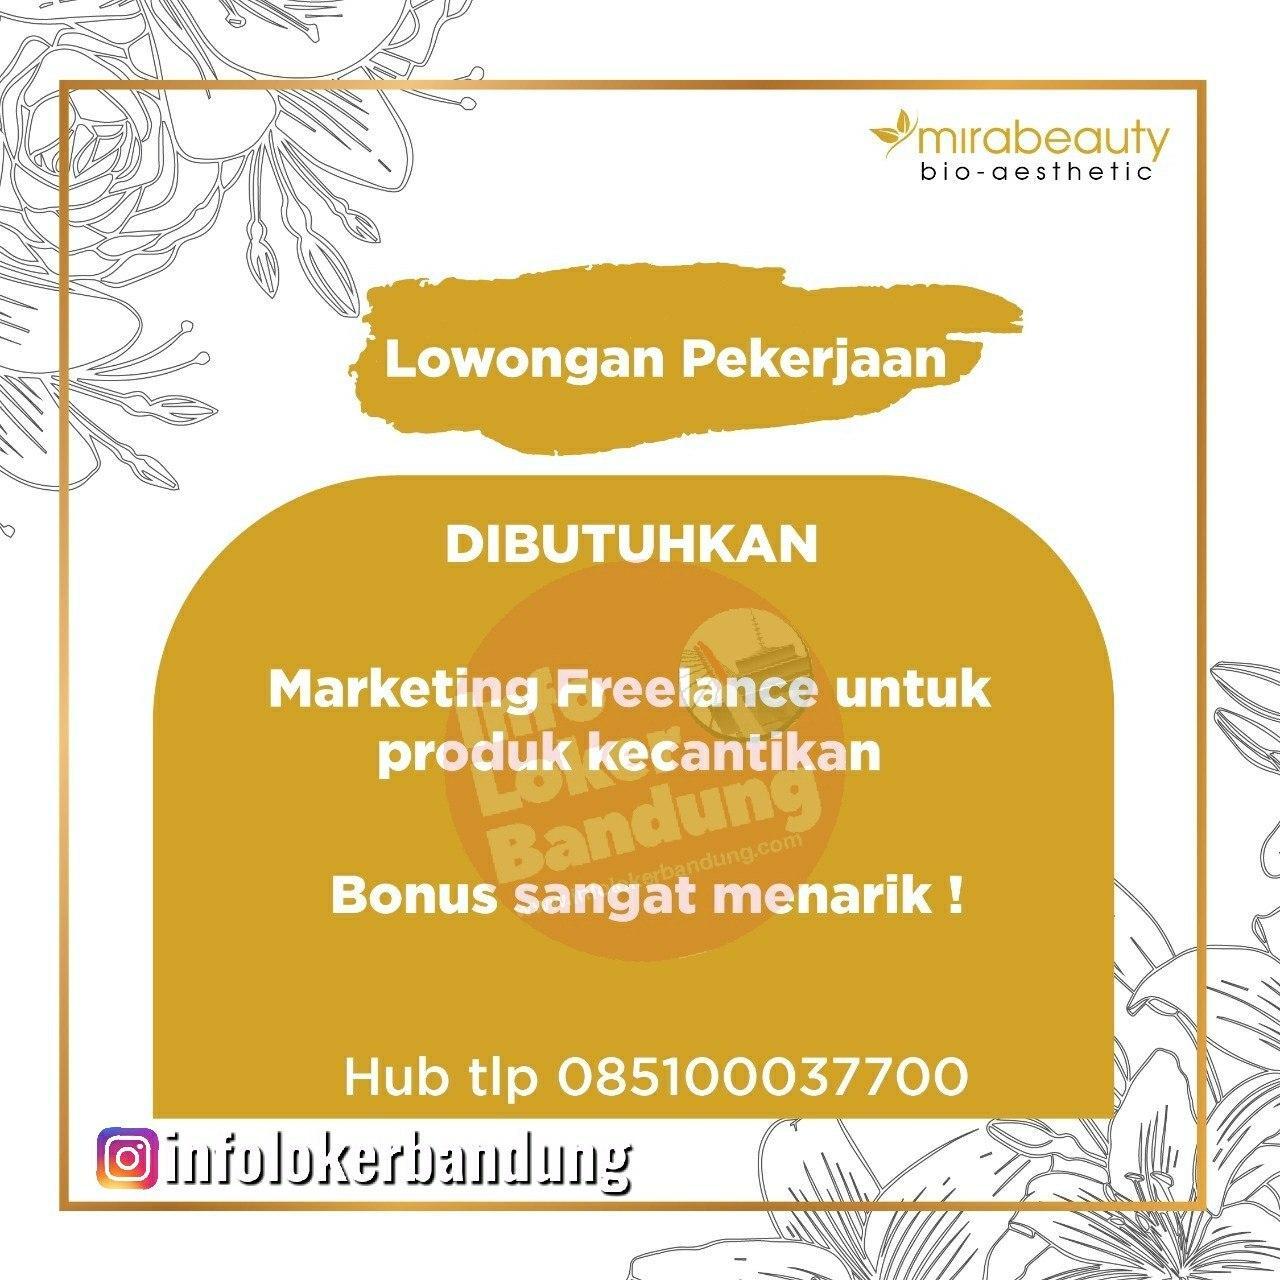 Lowongan Kerja Marketing Freelance Mirabeauty Bandung Januari 2020